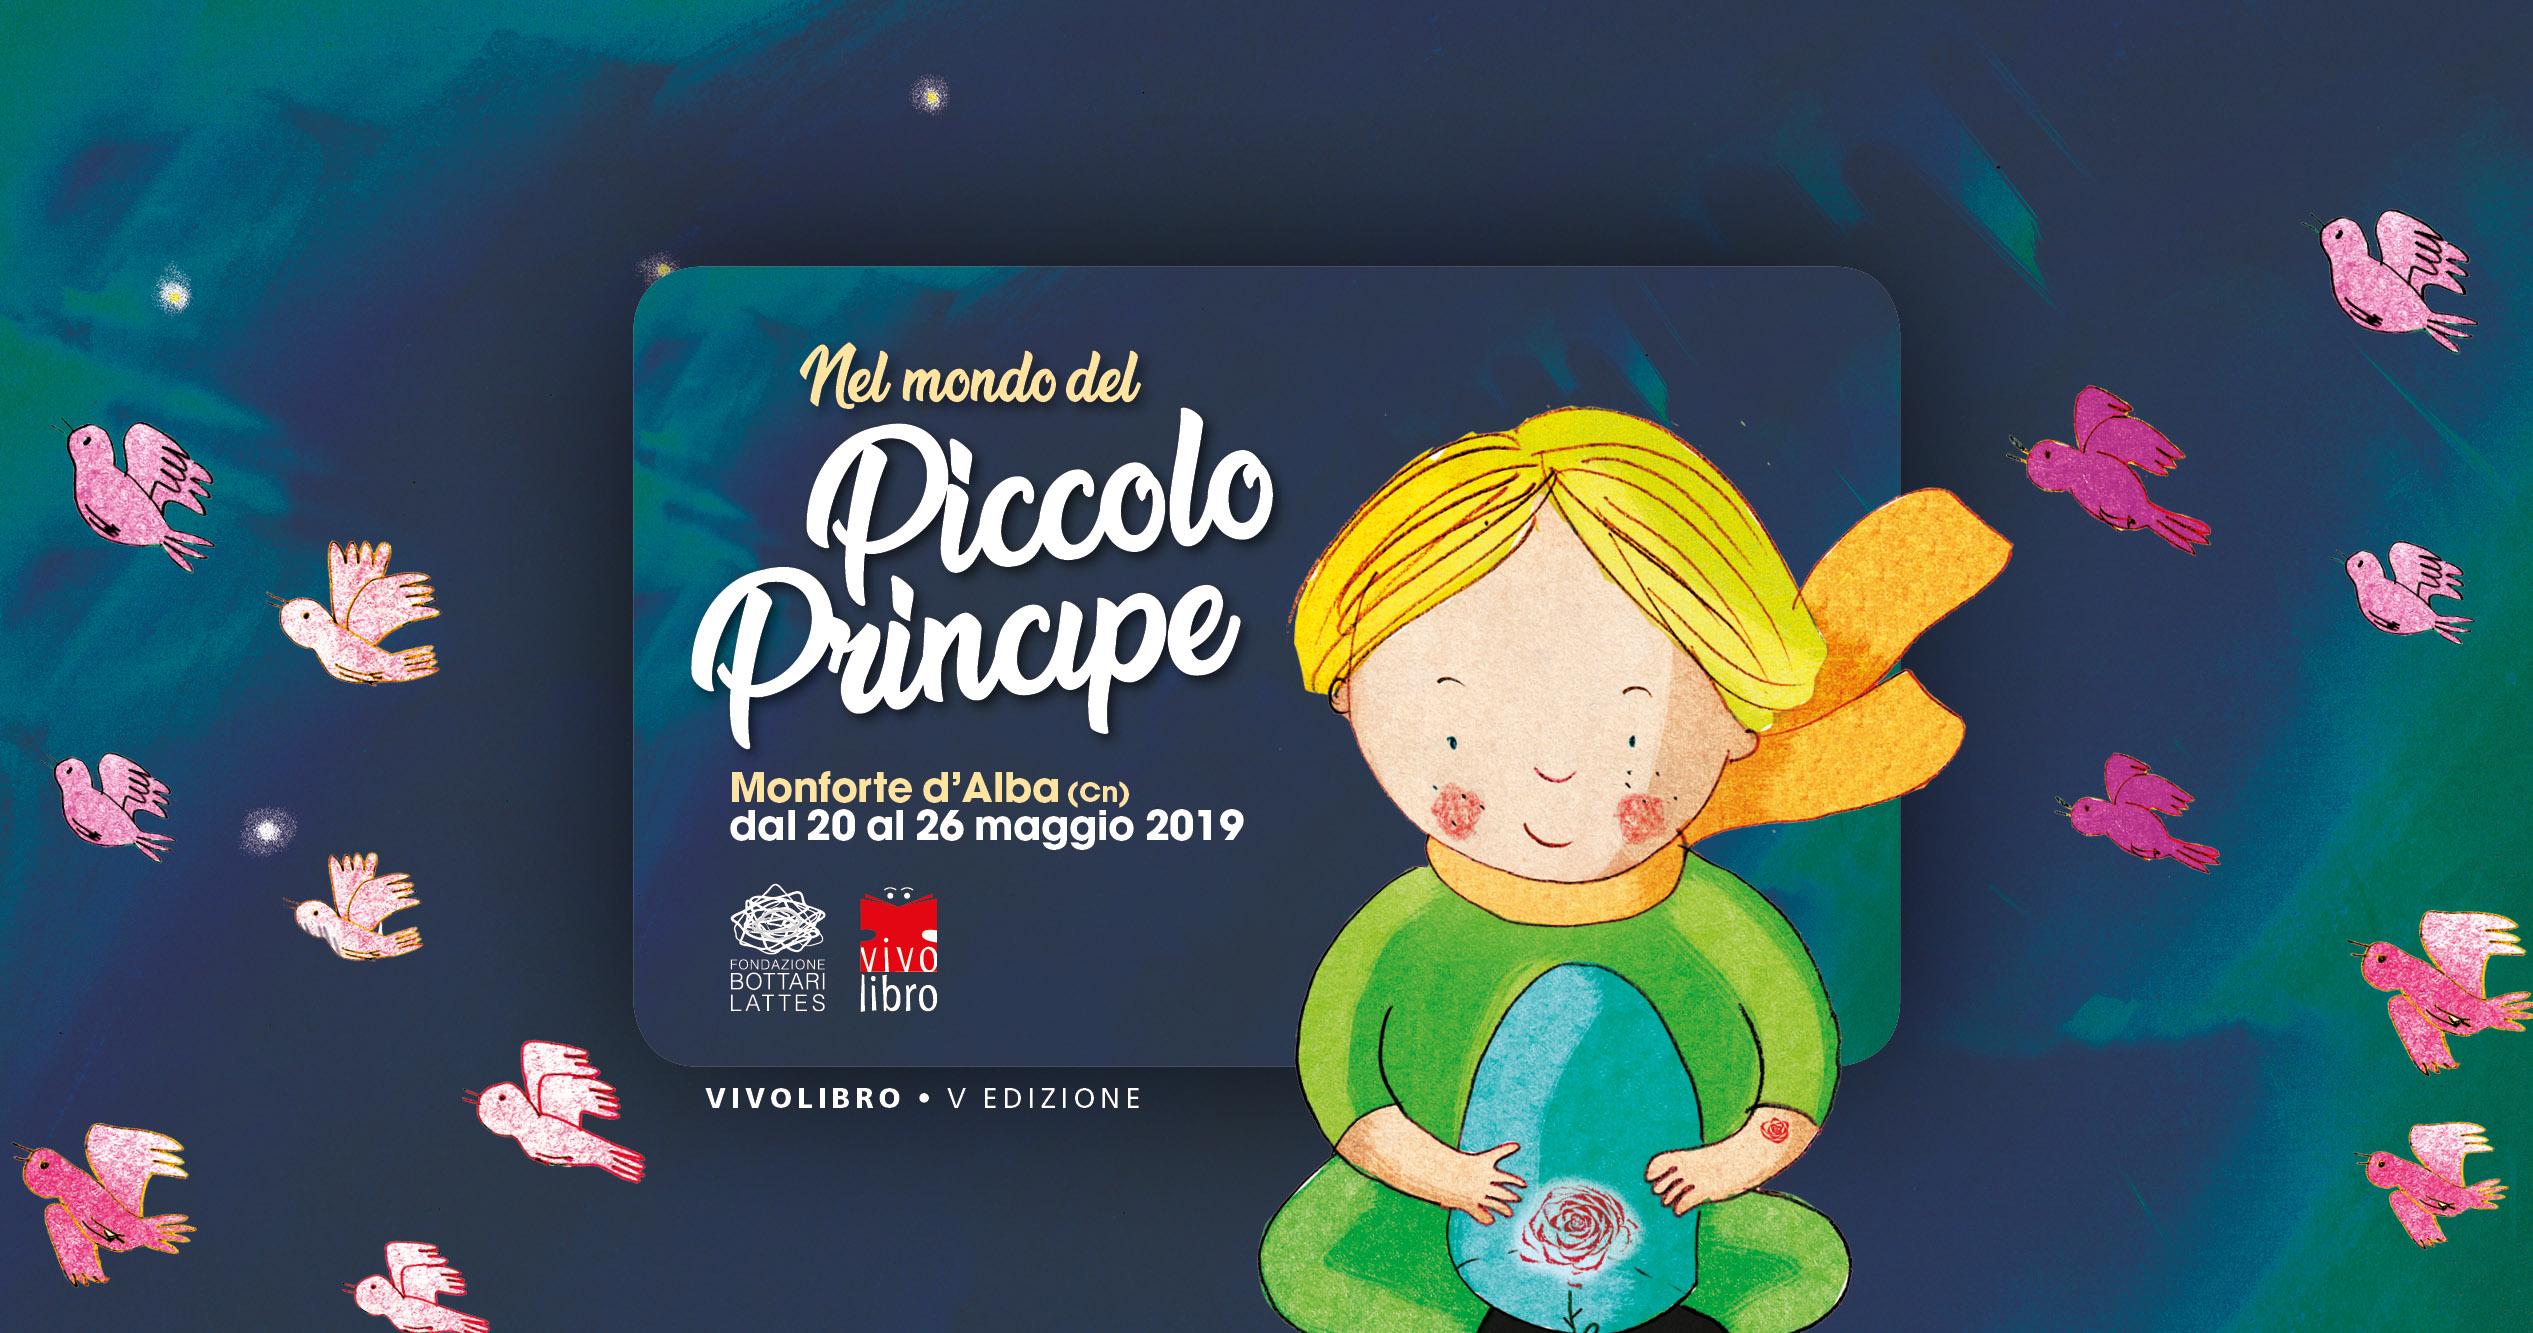 Il mondo del Piccolo Principe nelle Langhe